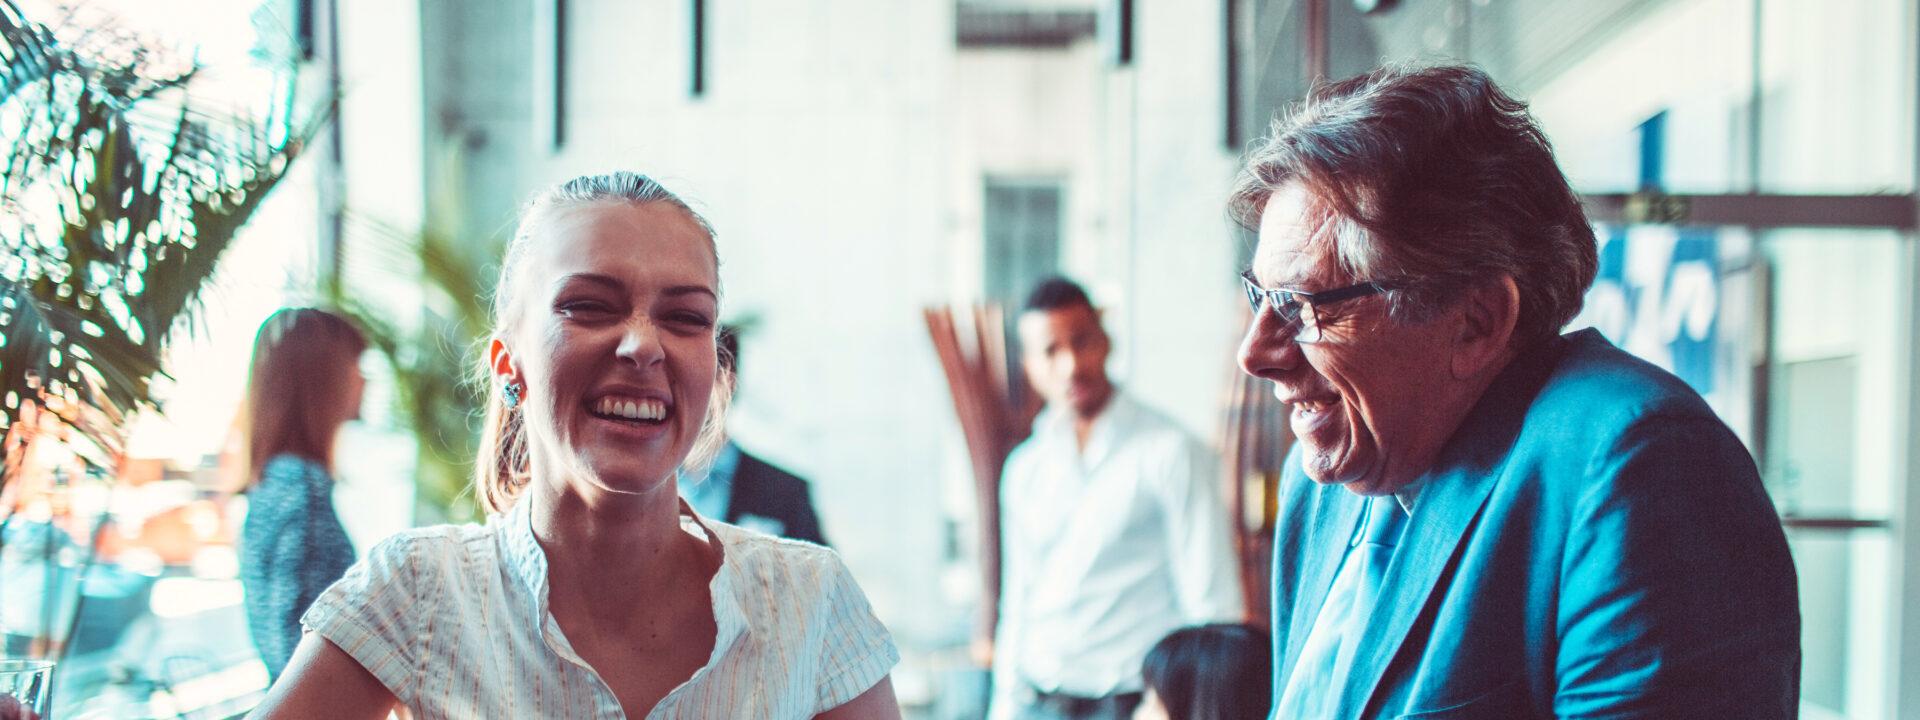 Hospitality & mensen: 3 redenen waarom menselijk contact belangrijk is en blijft